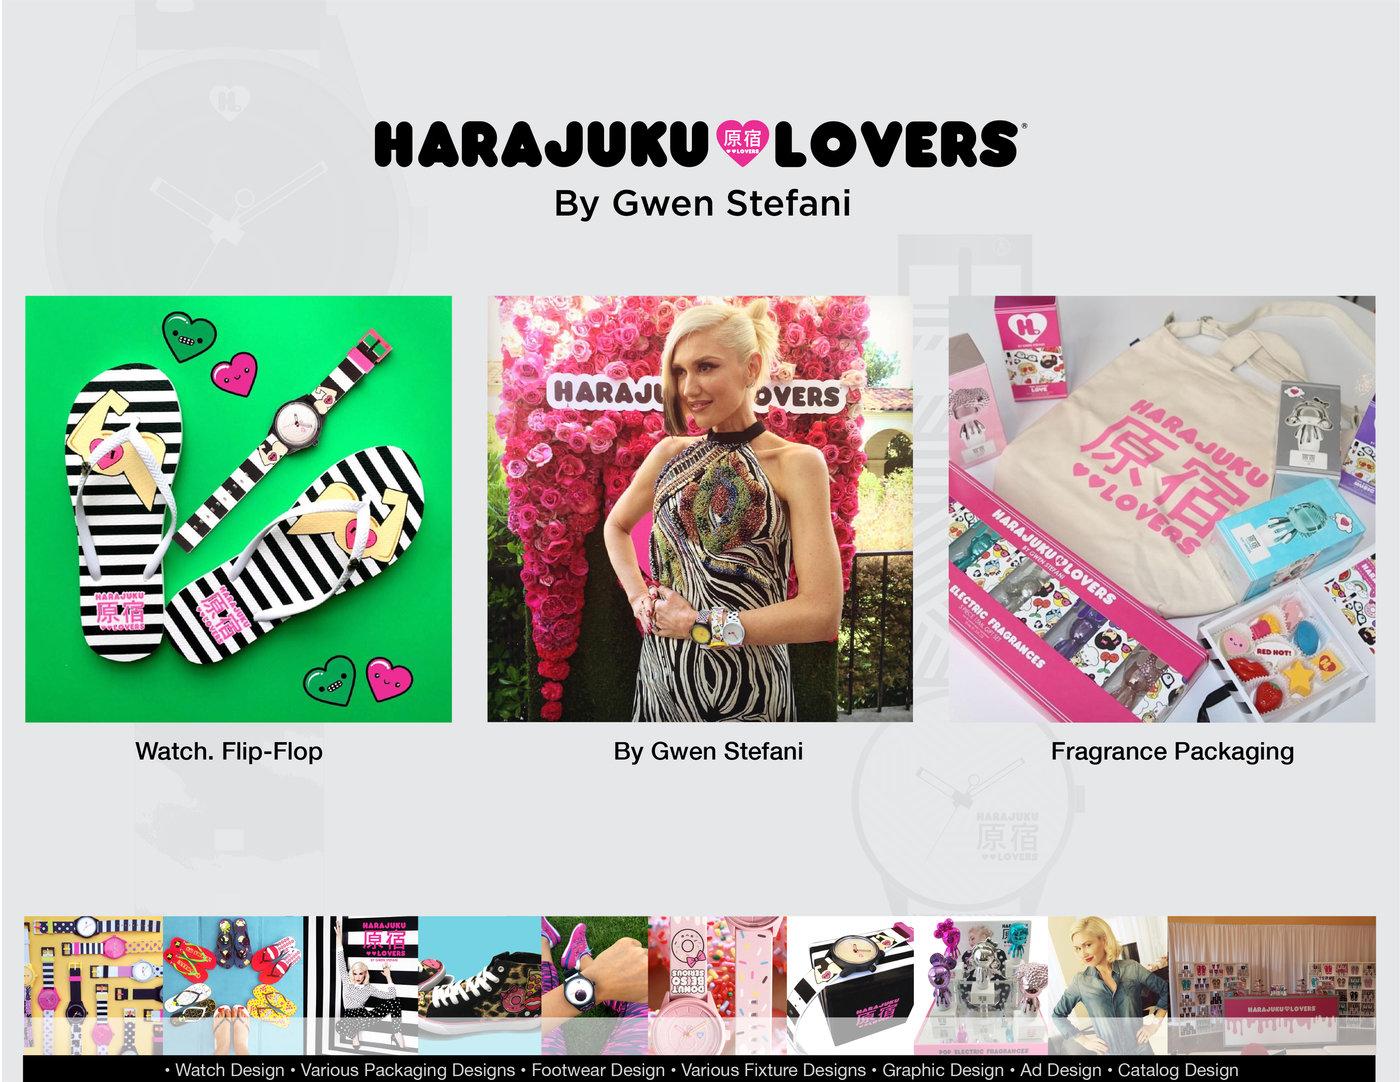 Gwen Stefani S Harajuku Lovers Harajuku Mini By Steve S Chang At Coroflot Com